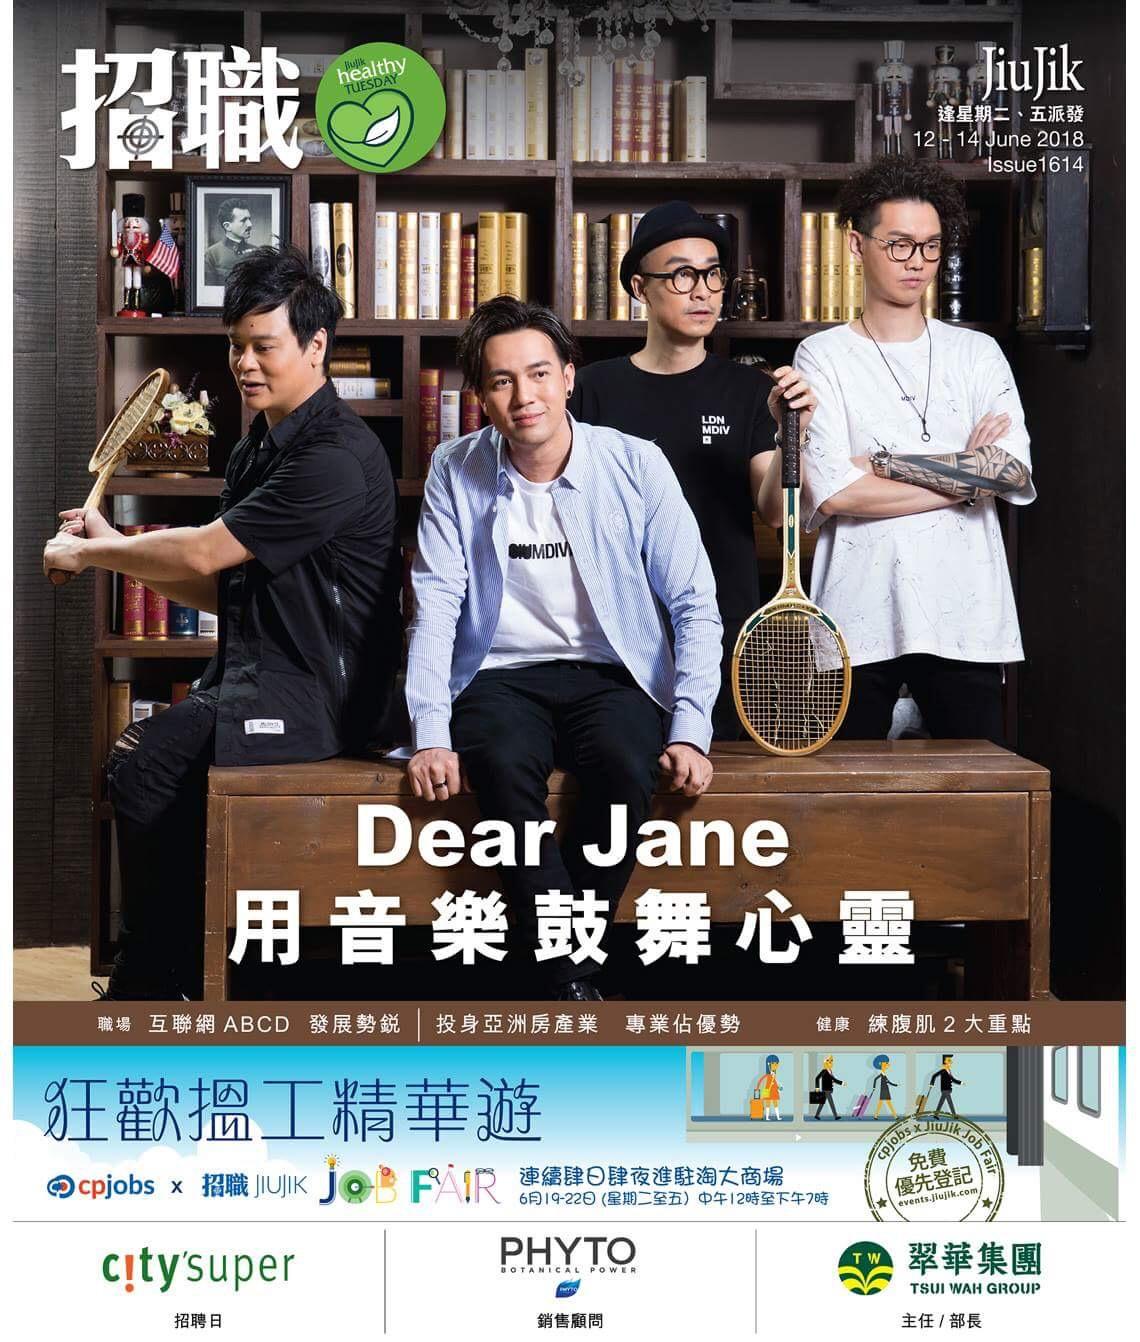 Dear Jane重塑音樂風格